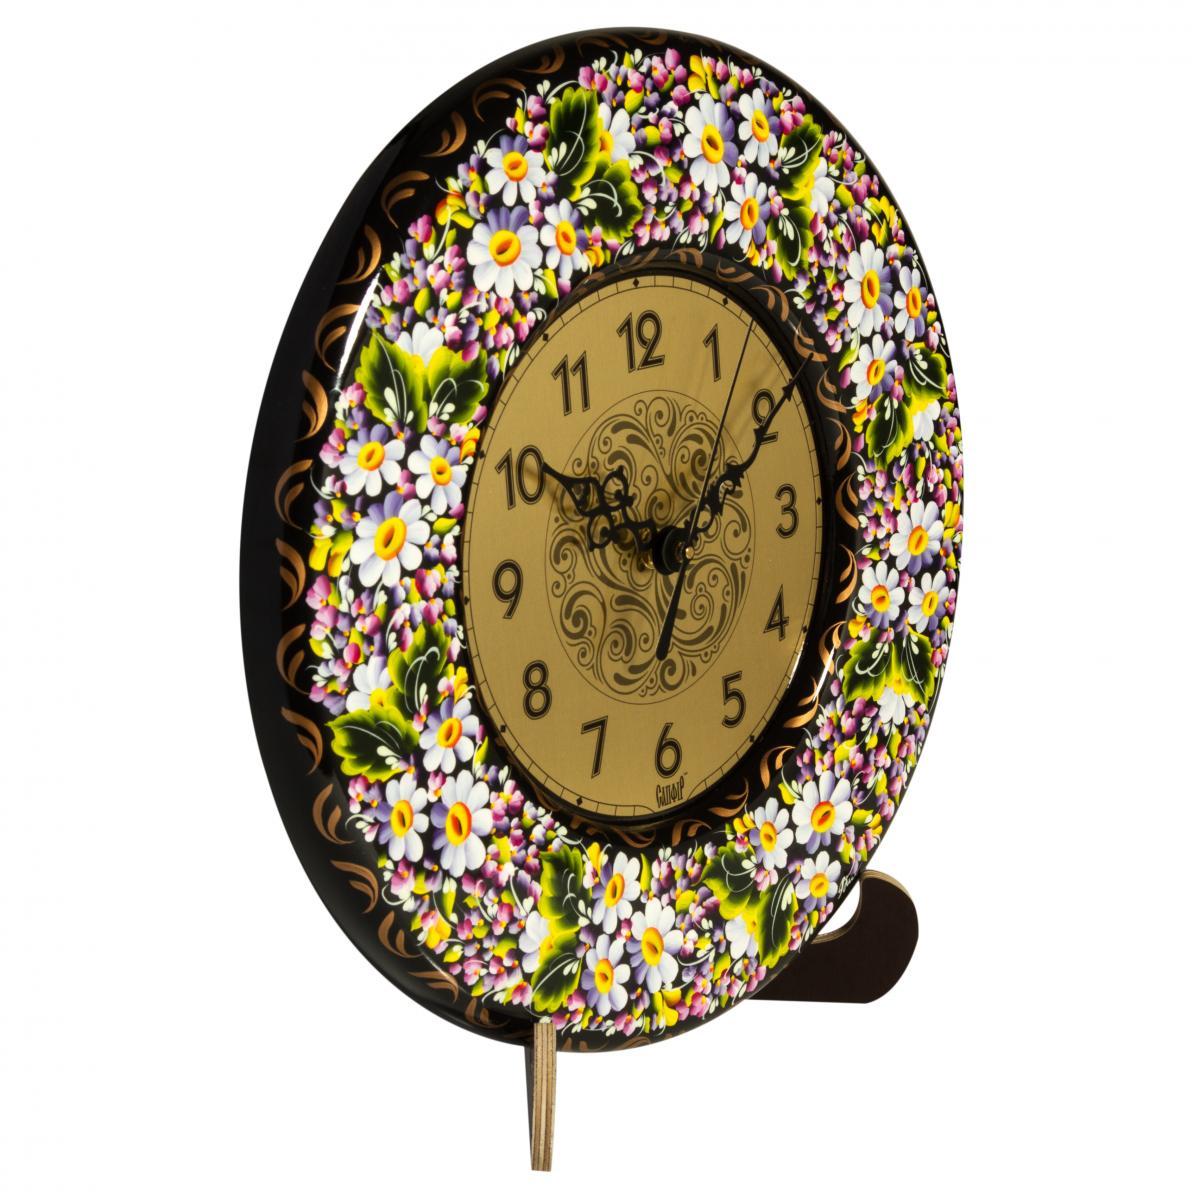 Часы с ручной росписью Ромашки. Фото №1. | Народный дом Украина